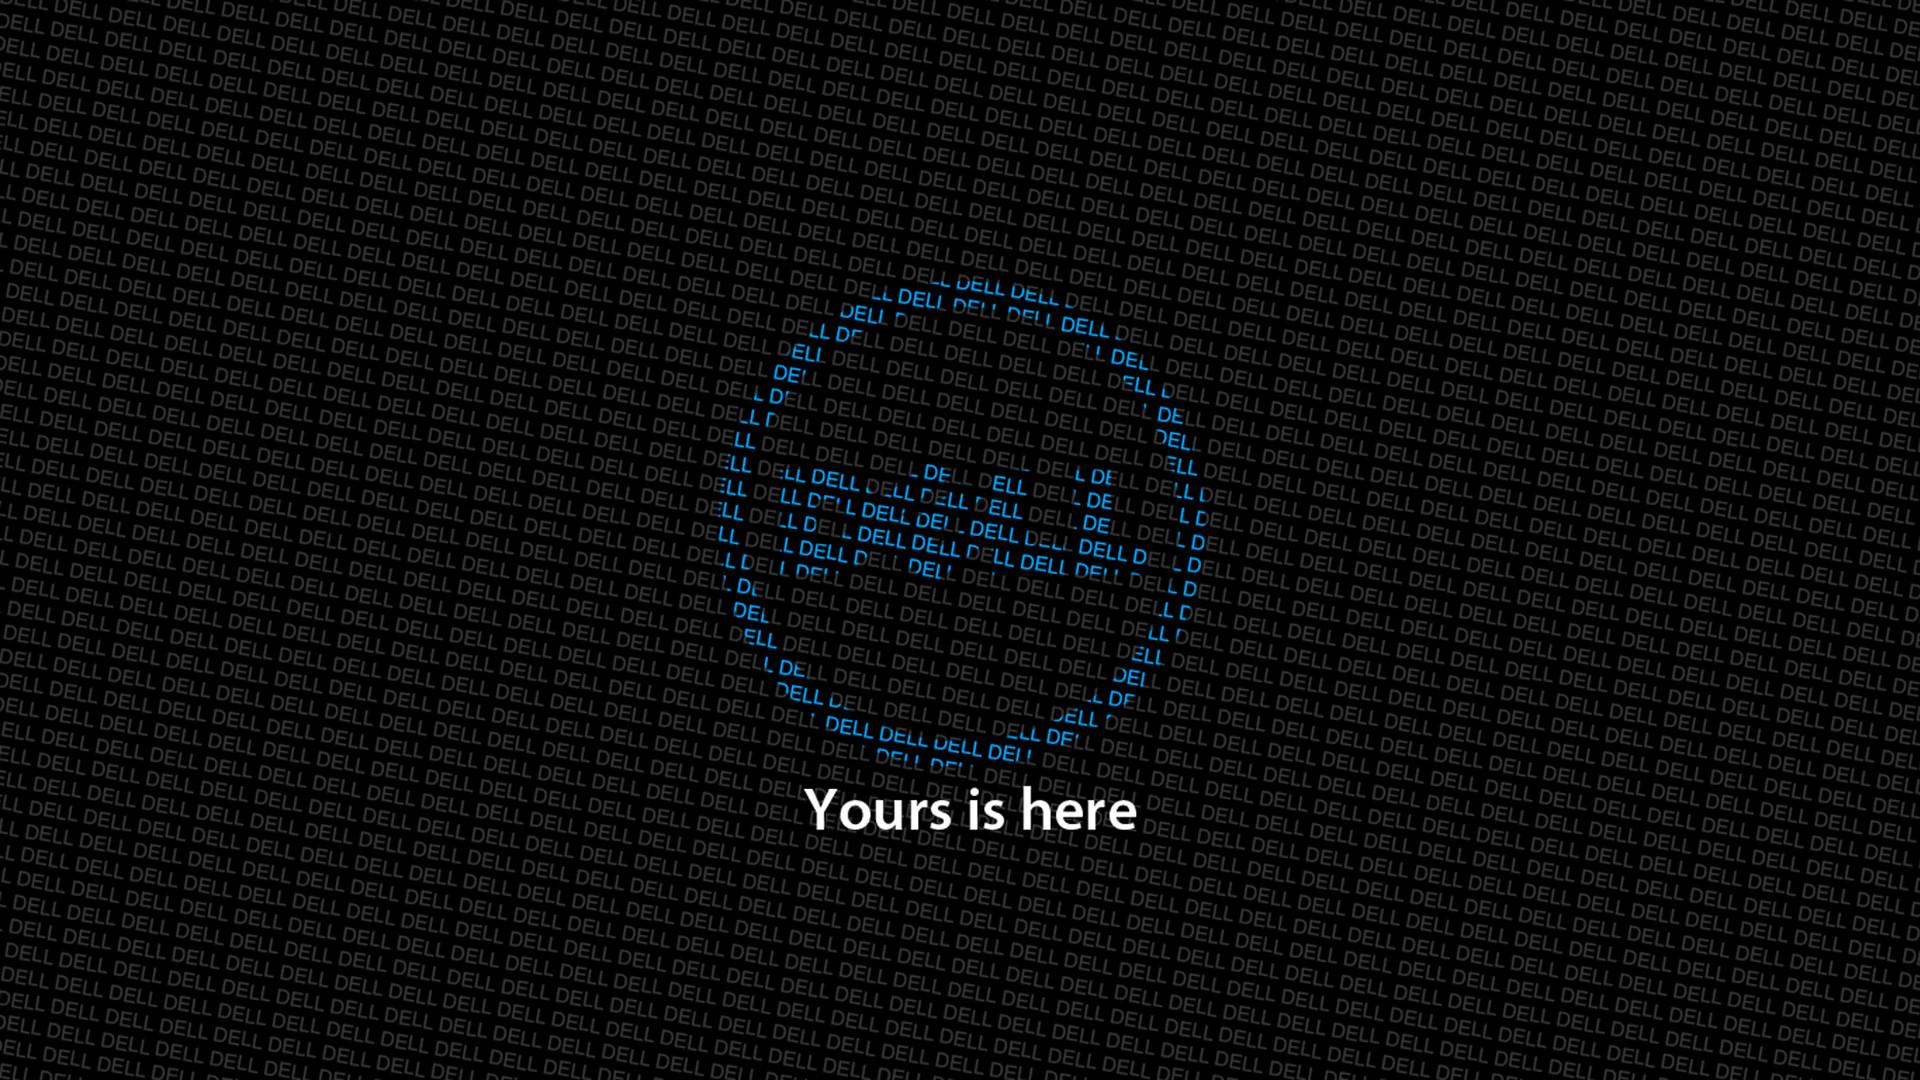 Dell HD Wallpaper 1920x1080 71 images 1920x1080